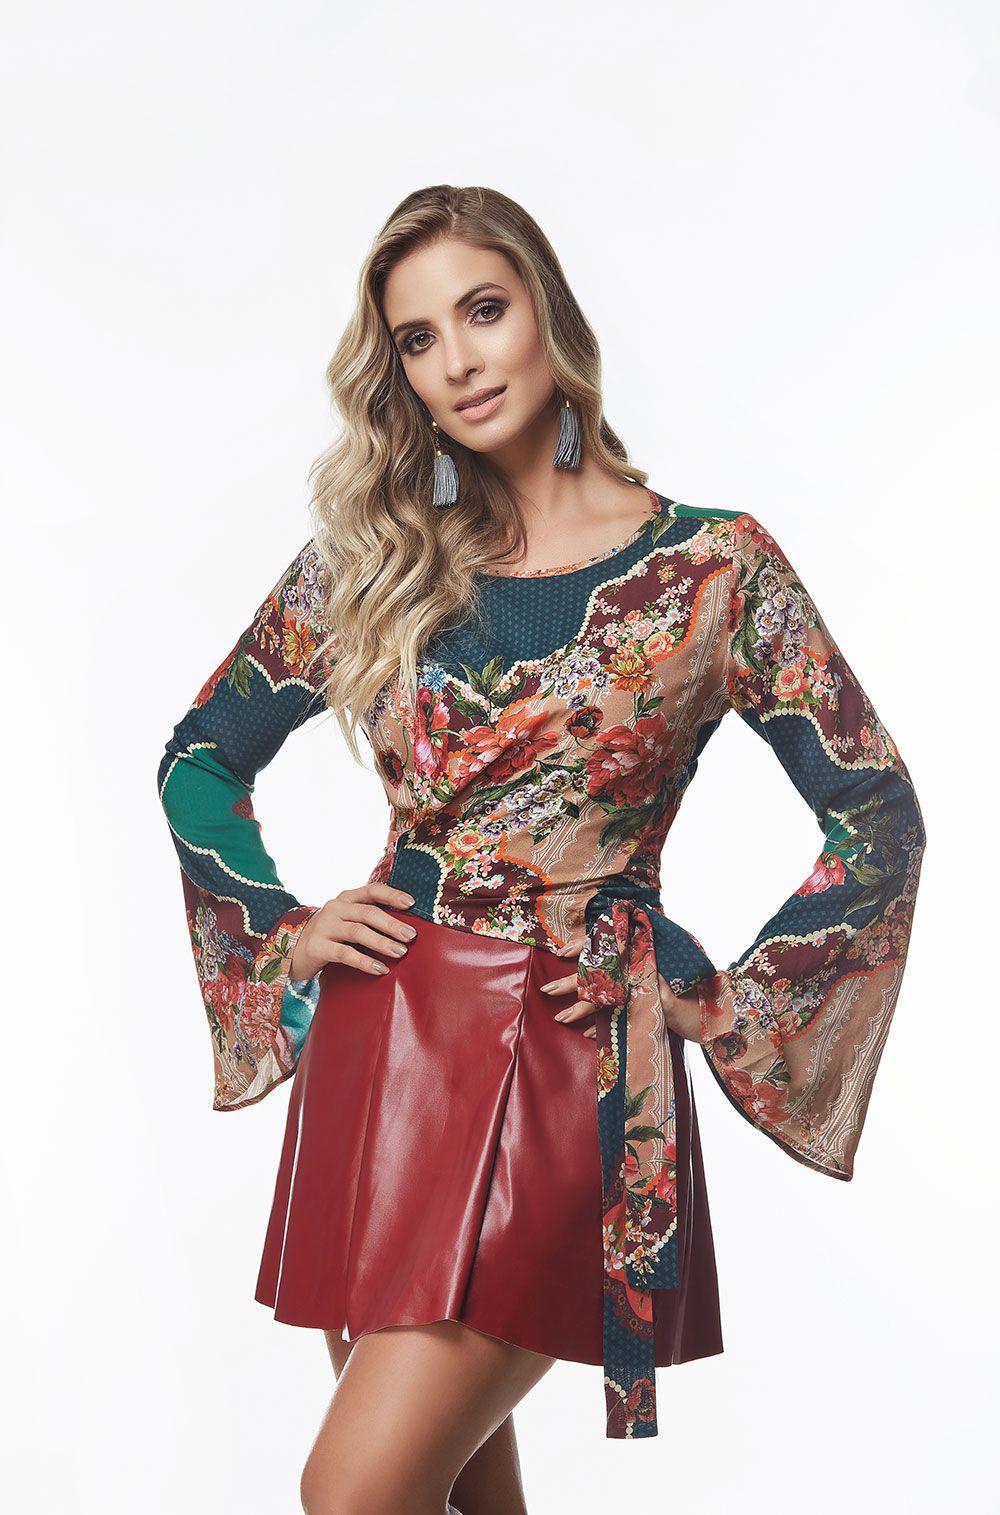 367b90b922 Blusa Estampada Transpassada - VANKOKE - Moda Feminina - Vestidos ...